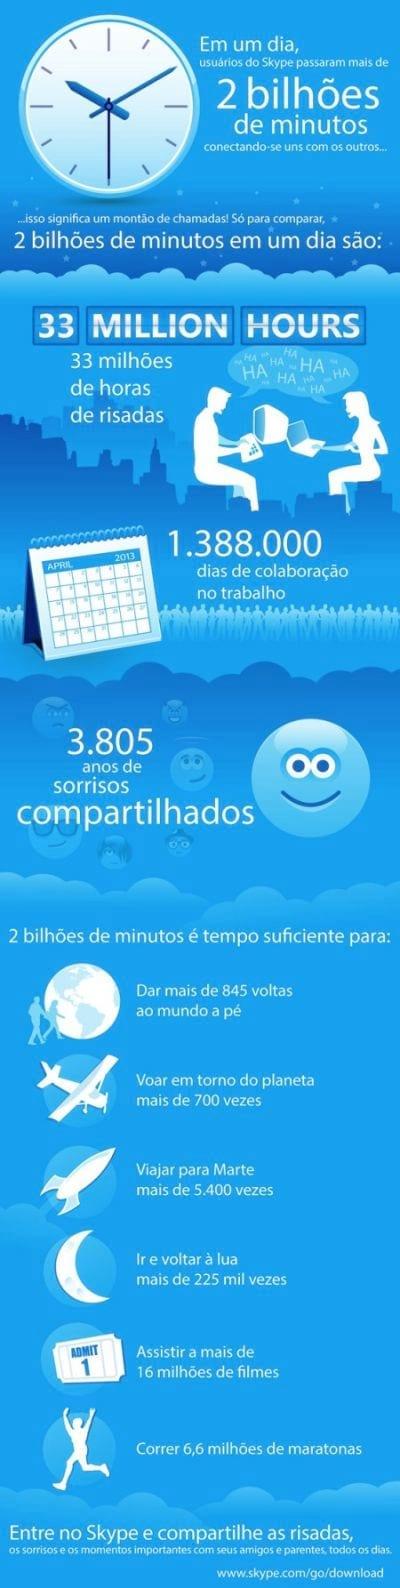 Tempo diário que usuários ficam no Skype atinge 2 bilhões de minutos